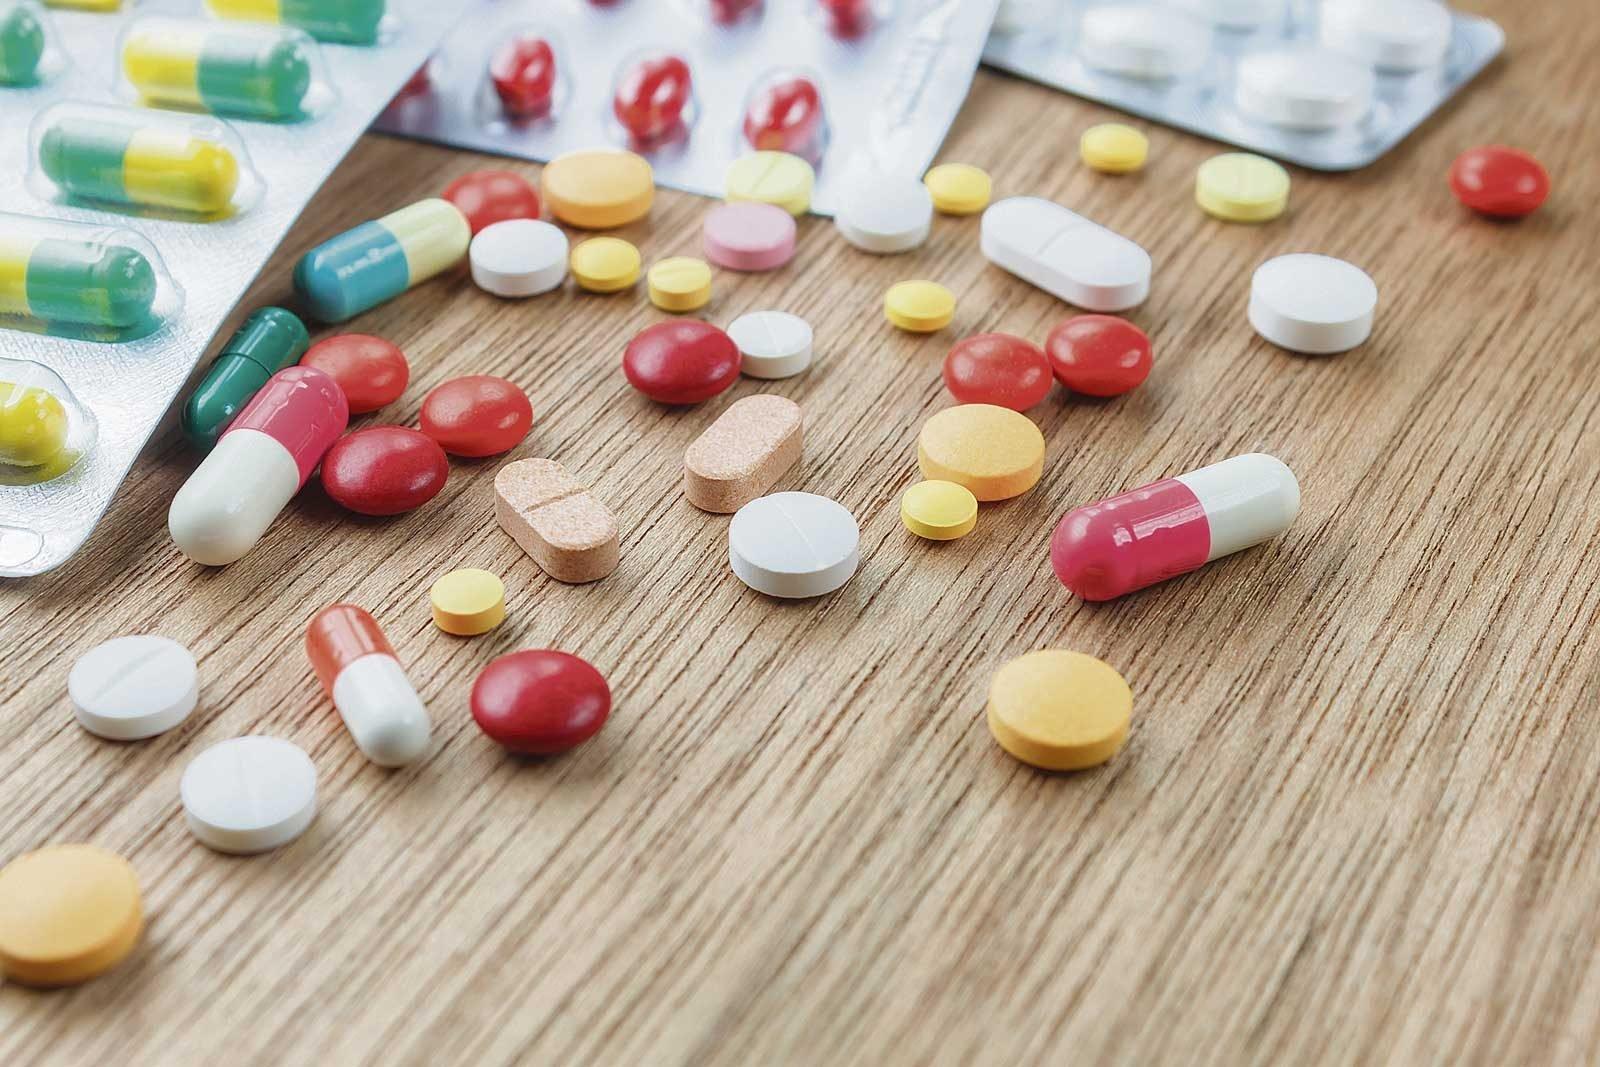 pastile de durere articulare trei